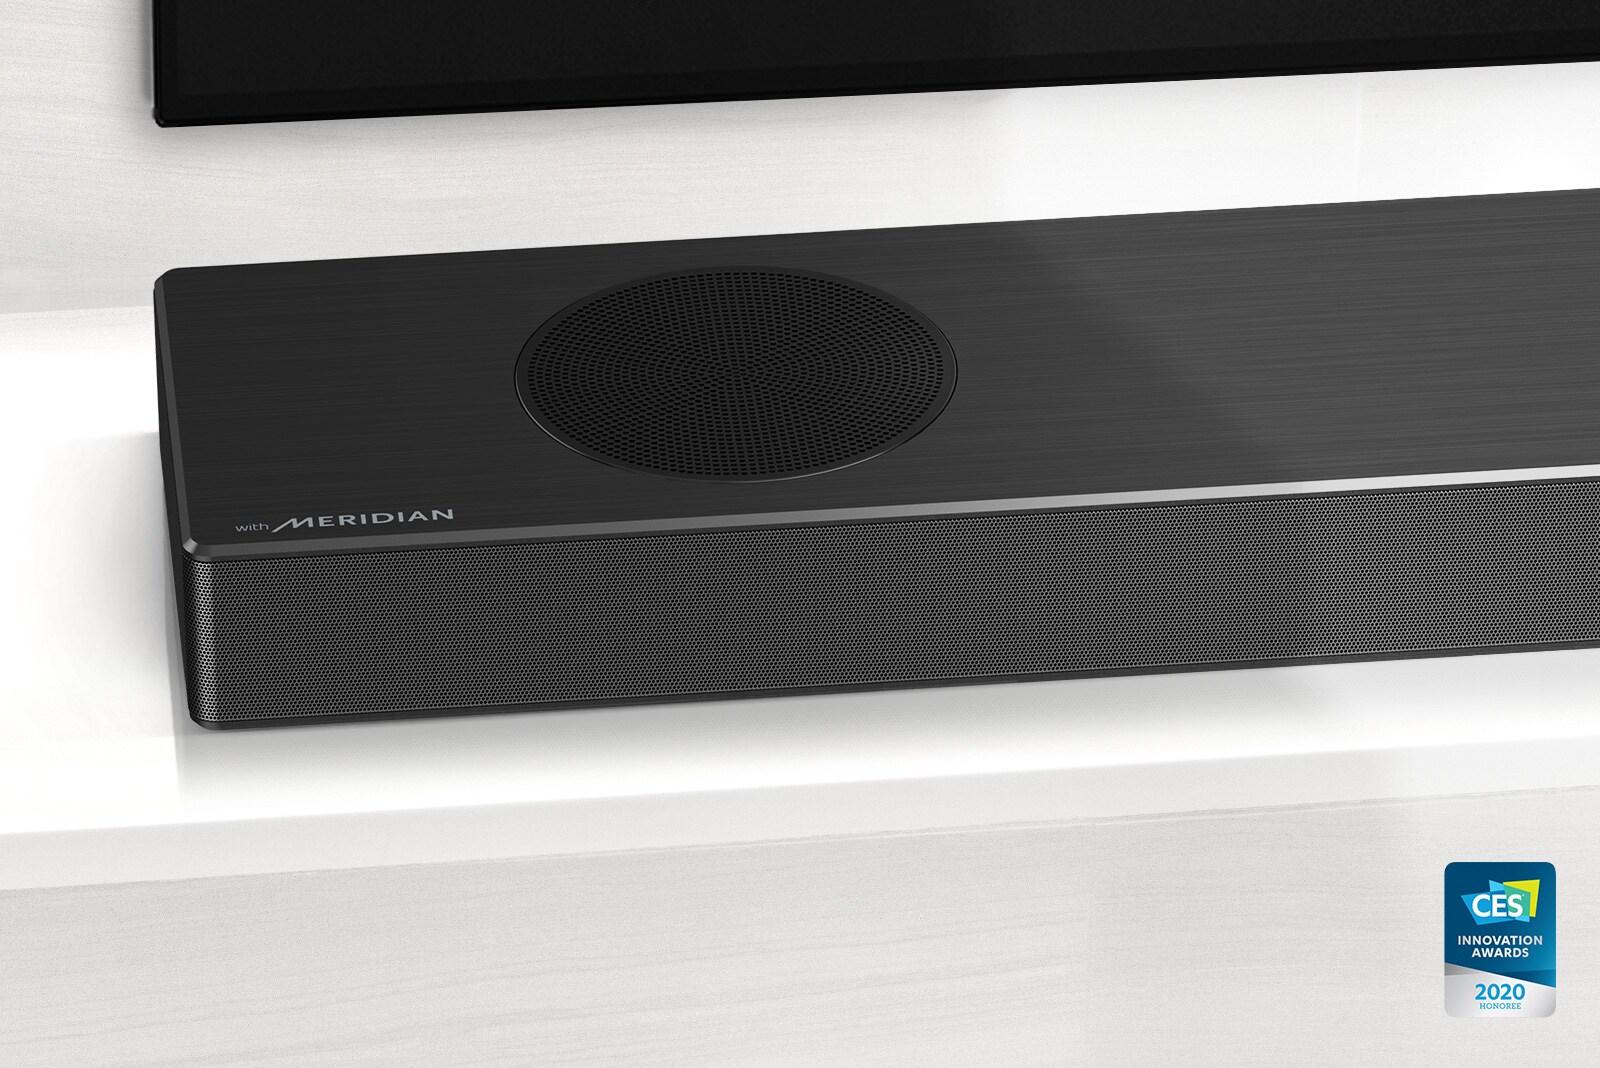 Close-up ของ LG Soundbar ด้านซ้ายพร้อมโลโก้ Meridian ที่มุมล่างซ้าย ด้านล่างซ้ายของทีวียังมองเห็นได้